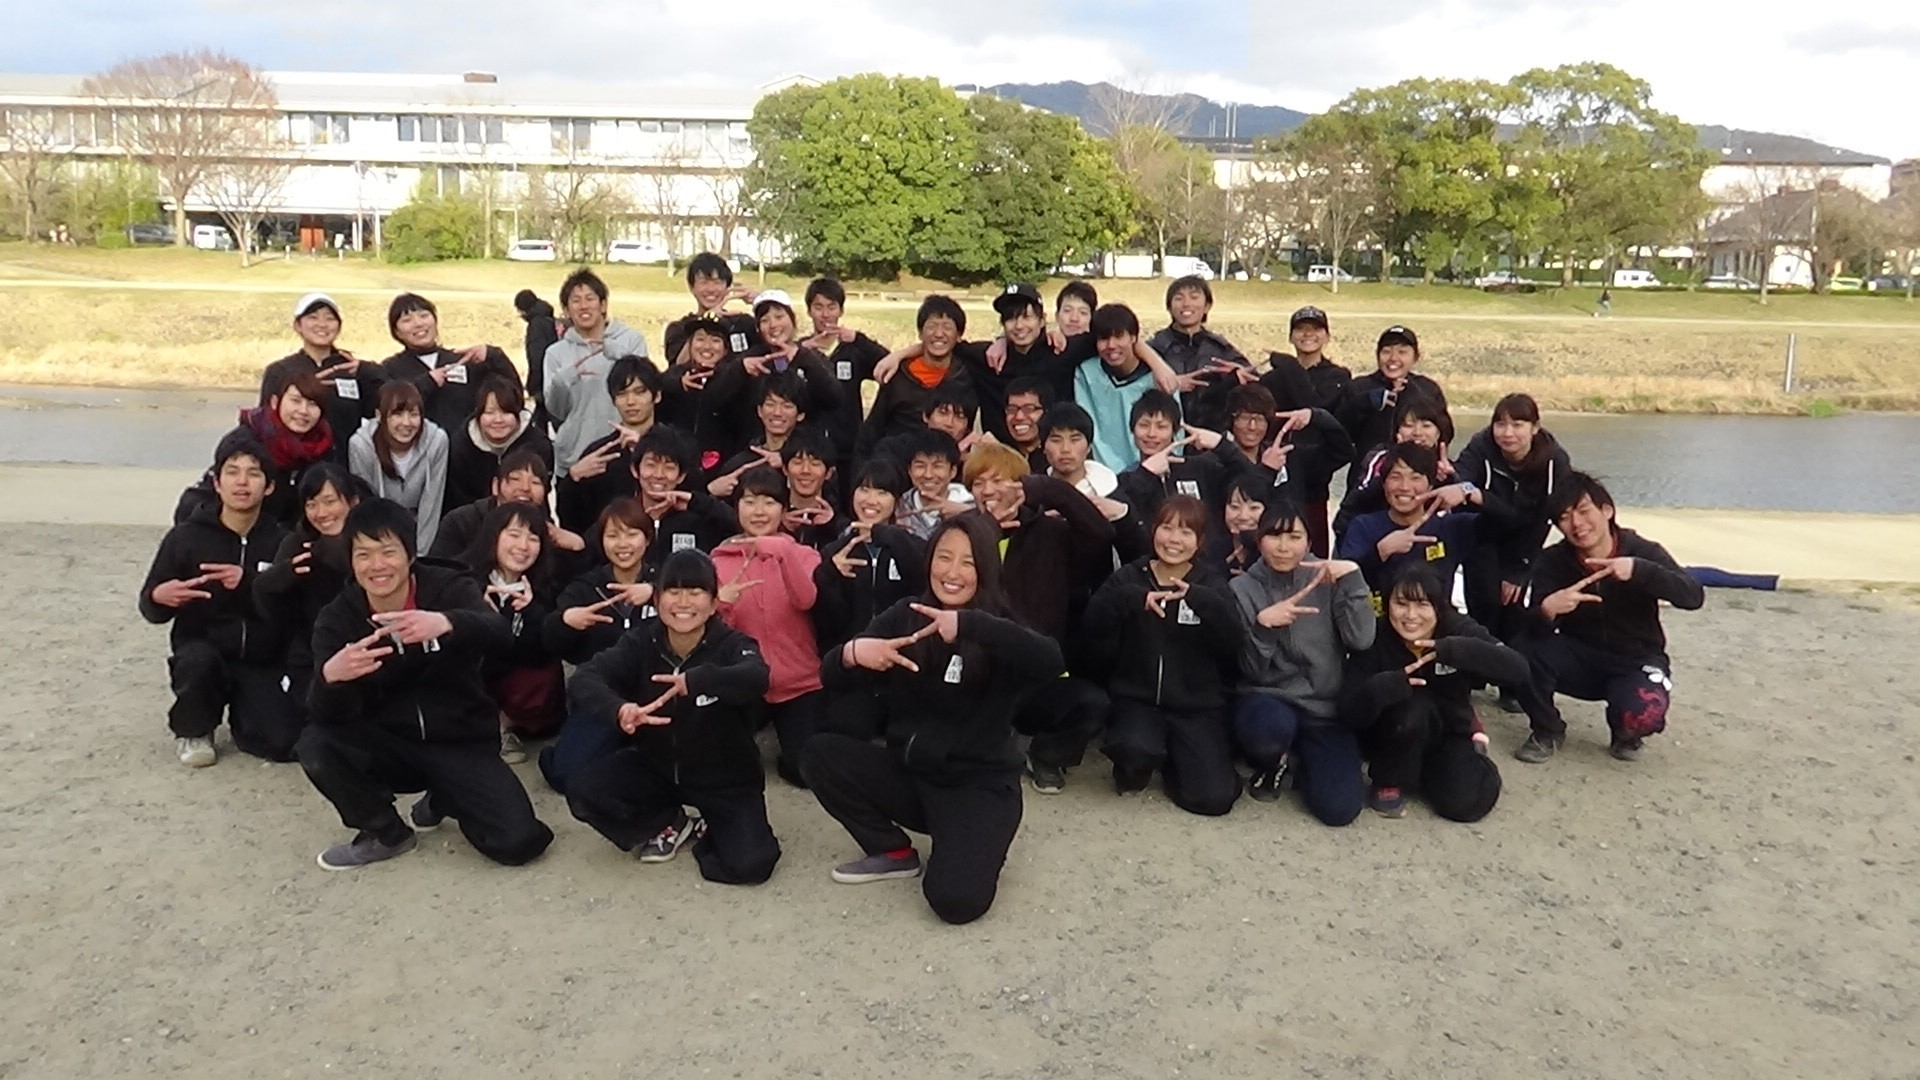 [チーム特集: 第11弾] 京炎 そでふれ!彩京前線